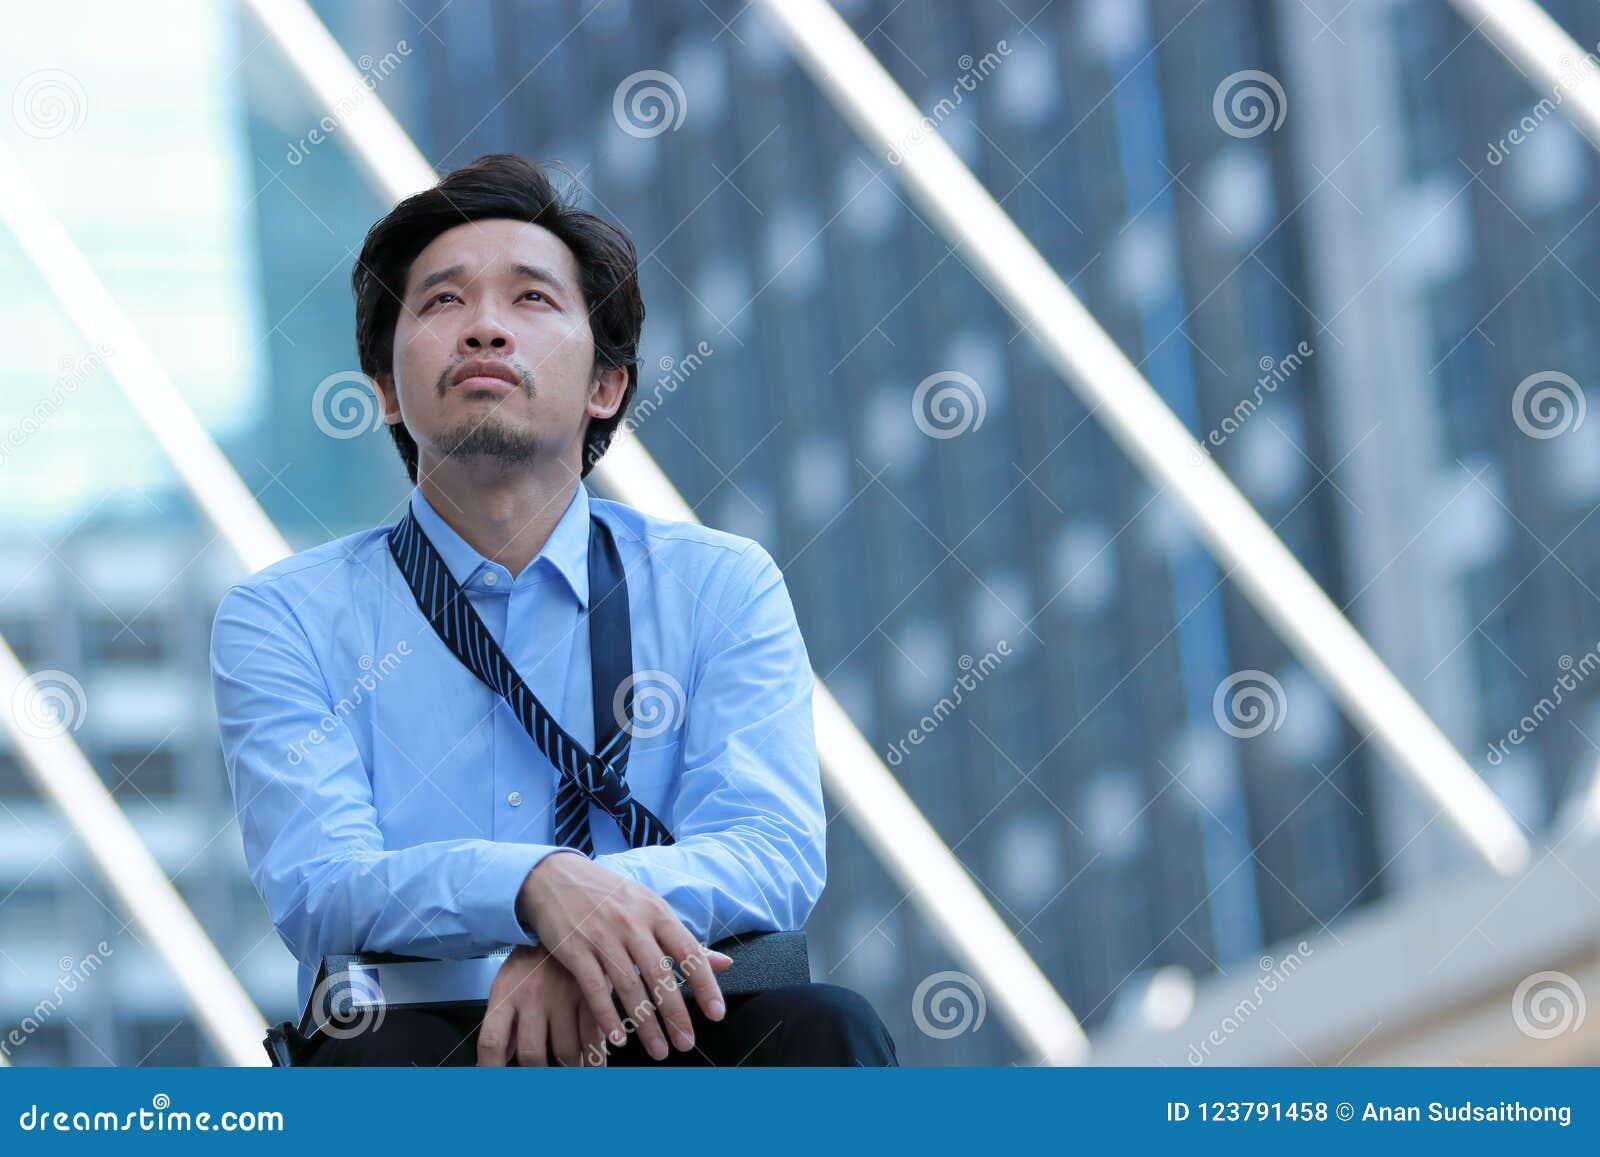 Frustrated subrayó la sensación asiática joven del hombre de negocios agotada y el dolor de cabeza contra trabajo en el edificio